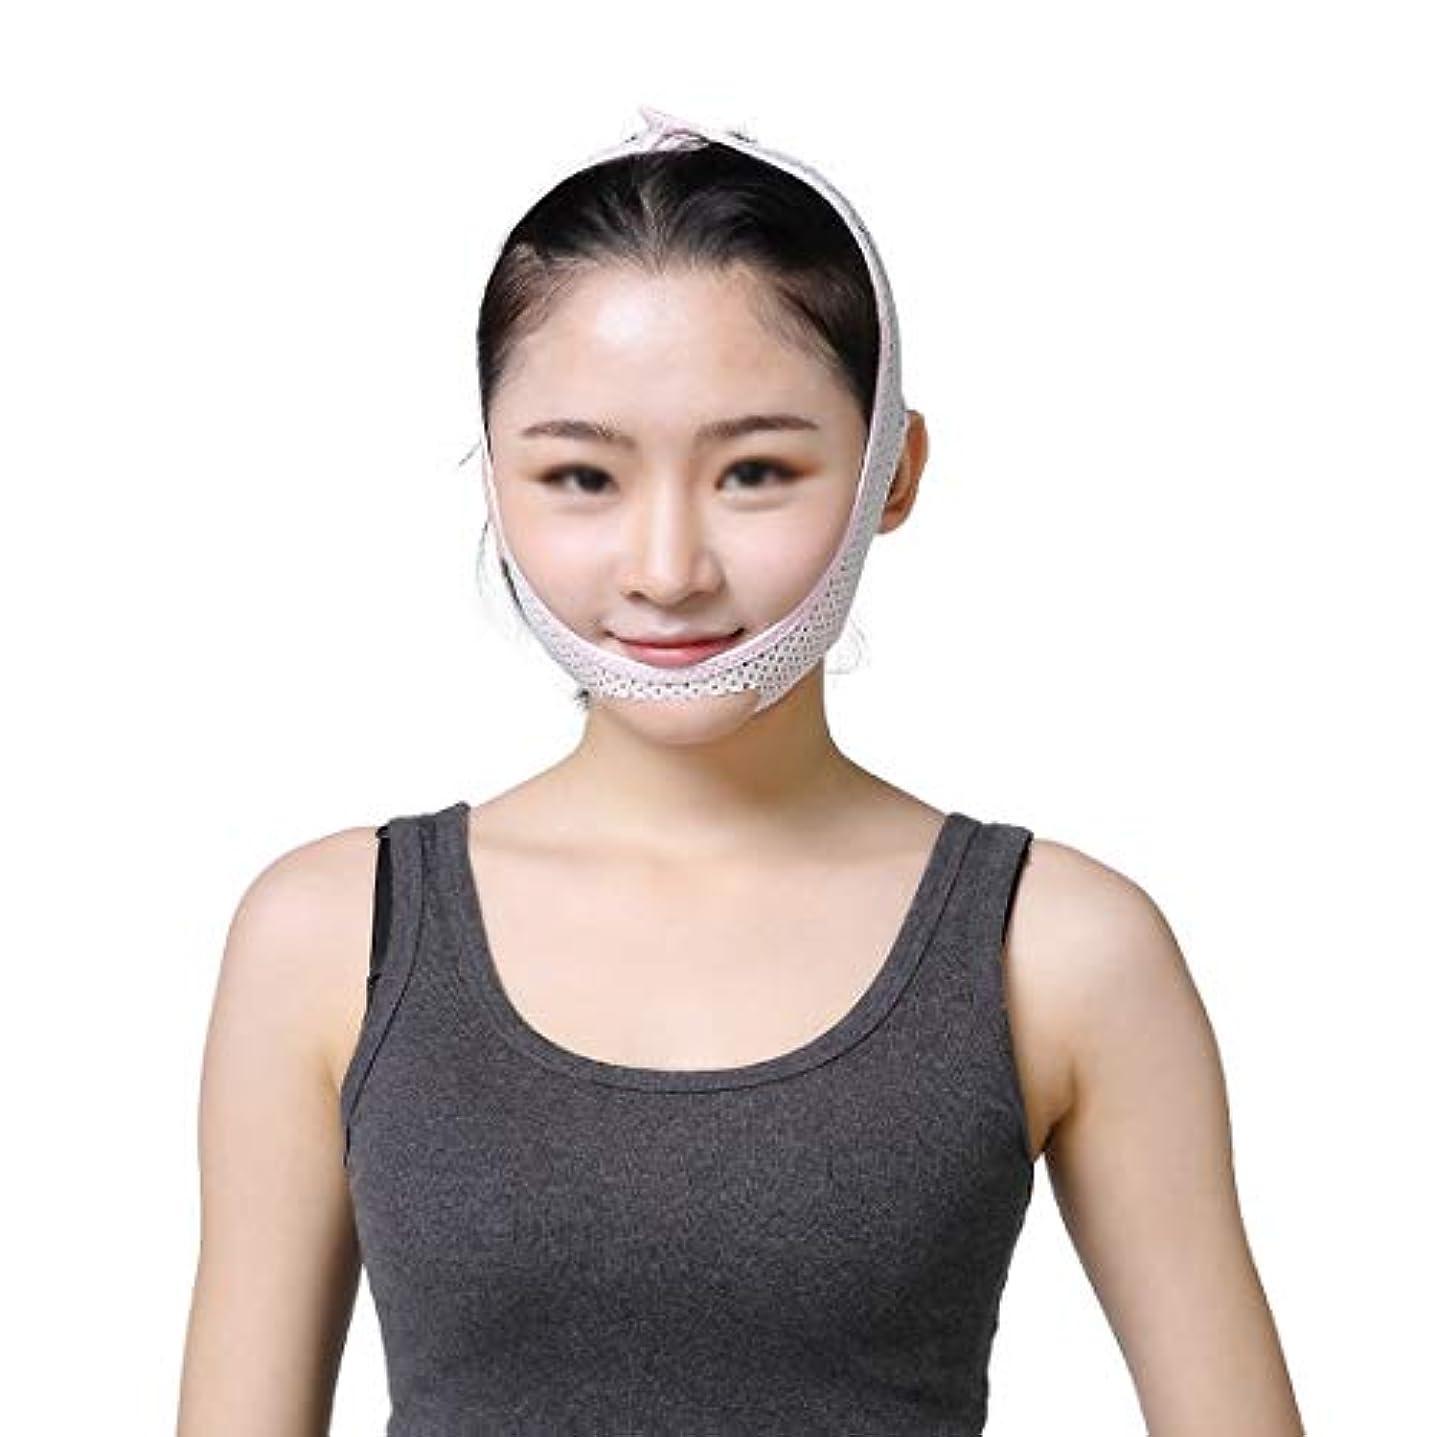 サイクル自慢ステップZWBD フェイスマスク, 薄い顔包帯美容機器持ち上がる引き締めダブルチン判決V顔の引き締め痩身包帯引き締めフェイシャルマッサージ (Size : L)